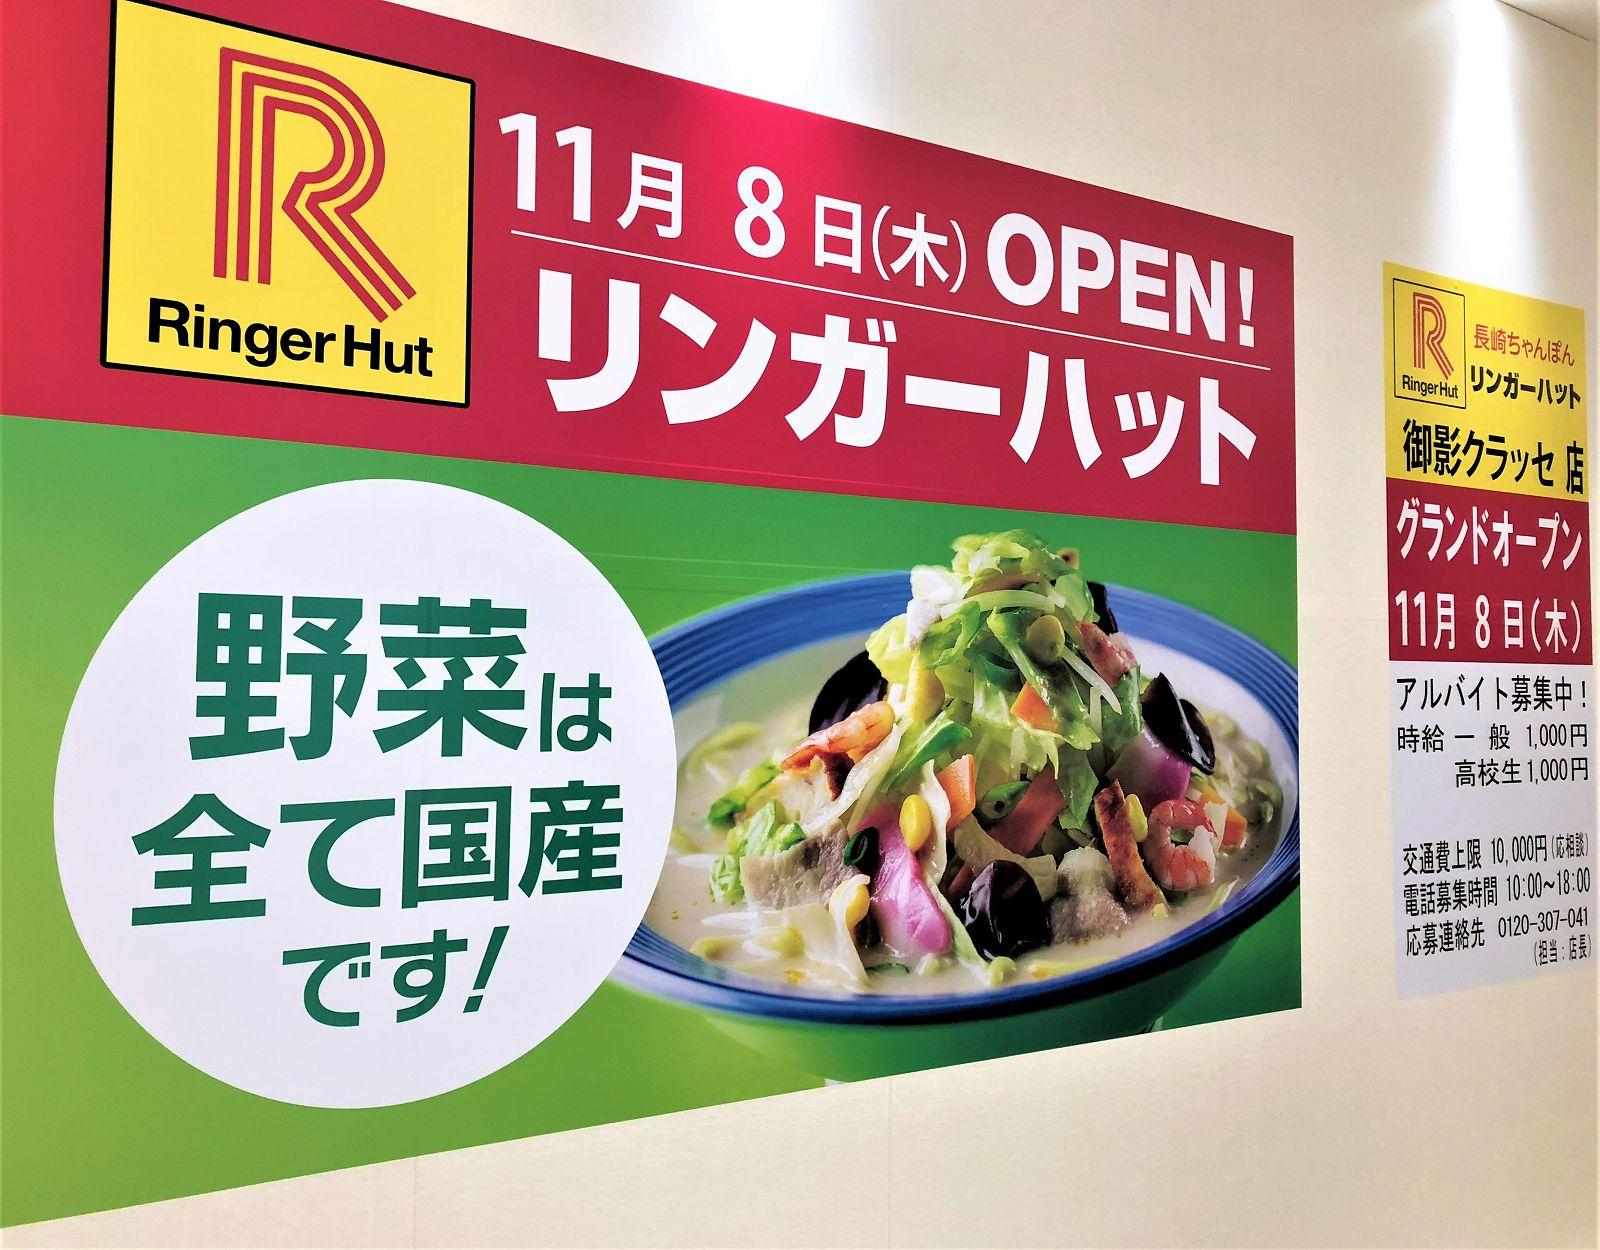 長崎ちゃんぽんで有名な「リンガーハット」が御影クラッセに11月8日(木)オープンします! #新規オープン #リンガーハット #御影クラッセ #長崎ちゃんぽん